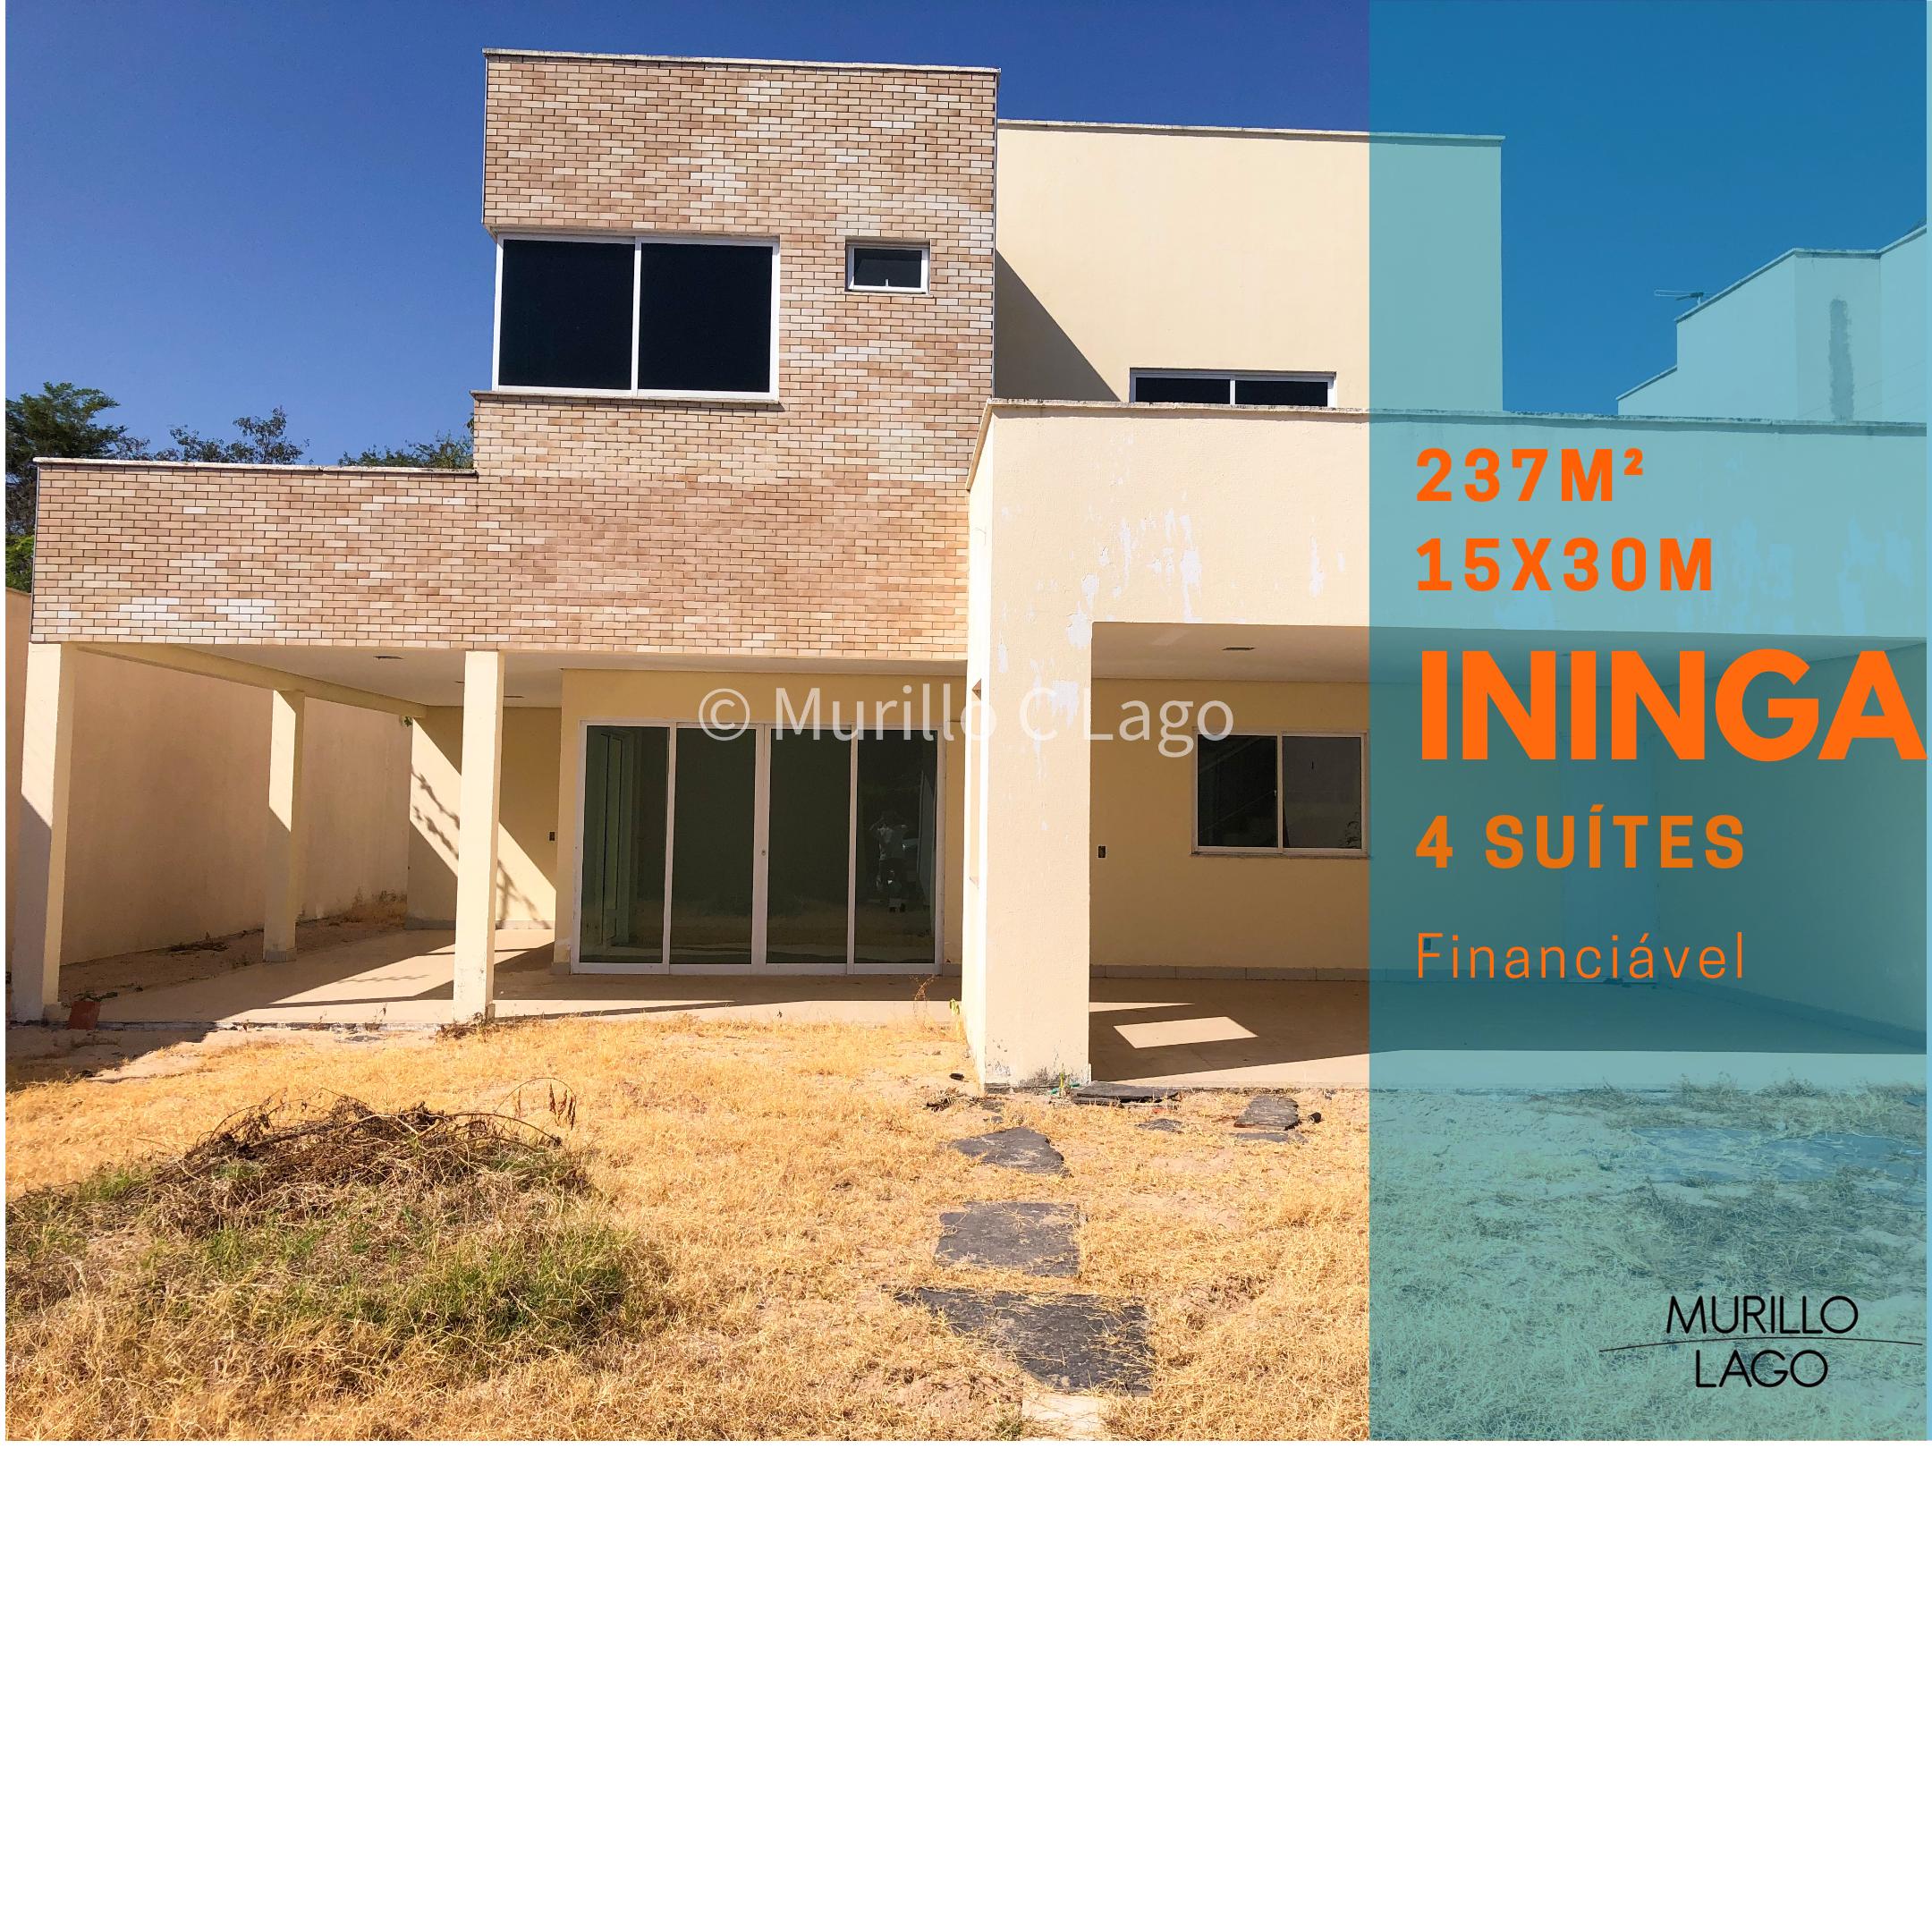 Casa duplex para venda na Ininga ,4 suítes, dependência de empregado próximo UFPI e rua Alaíde Marques